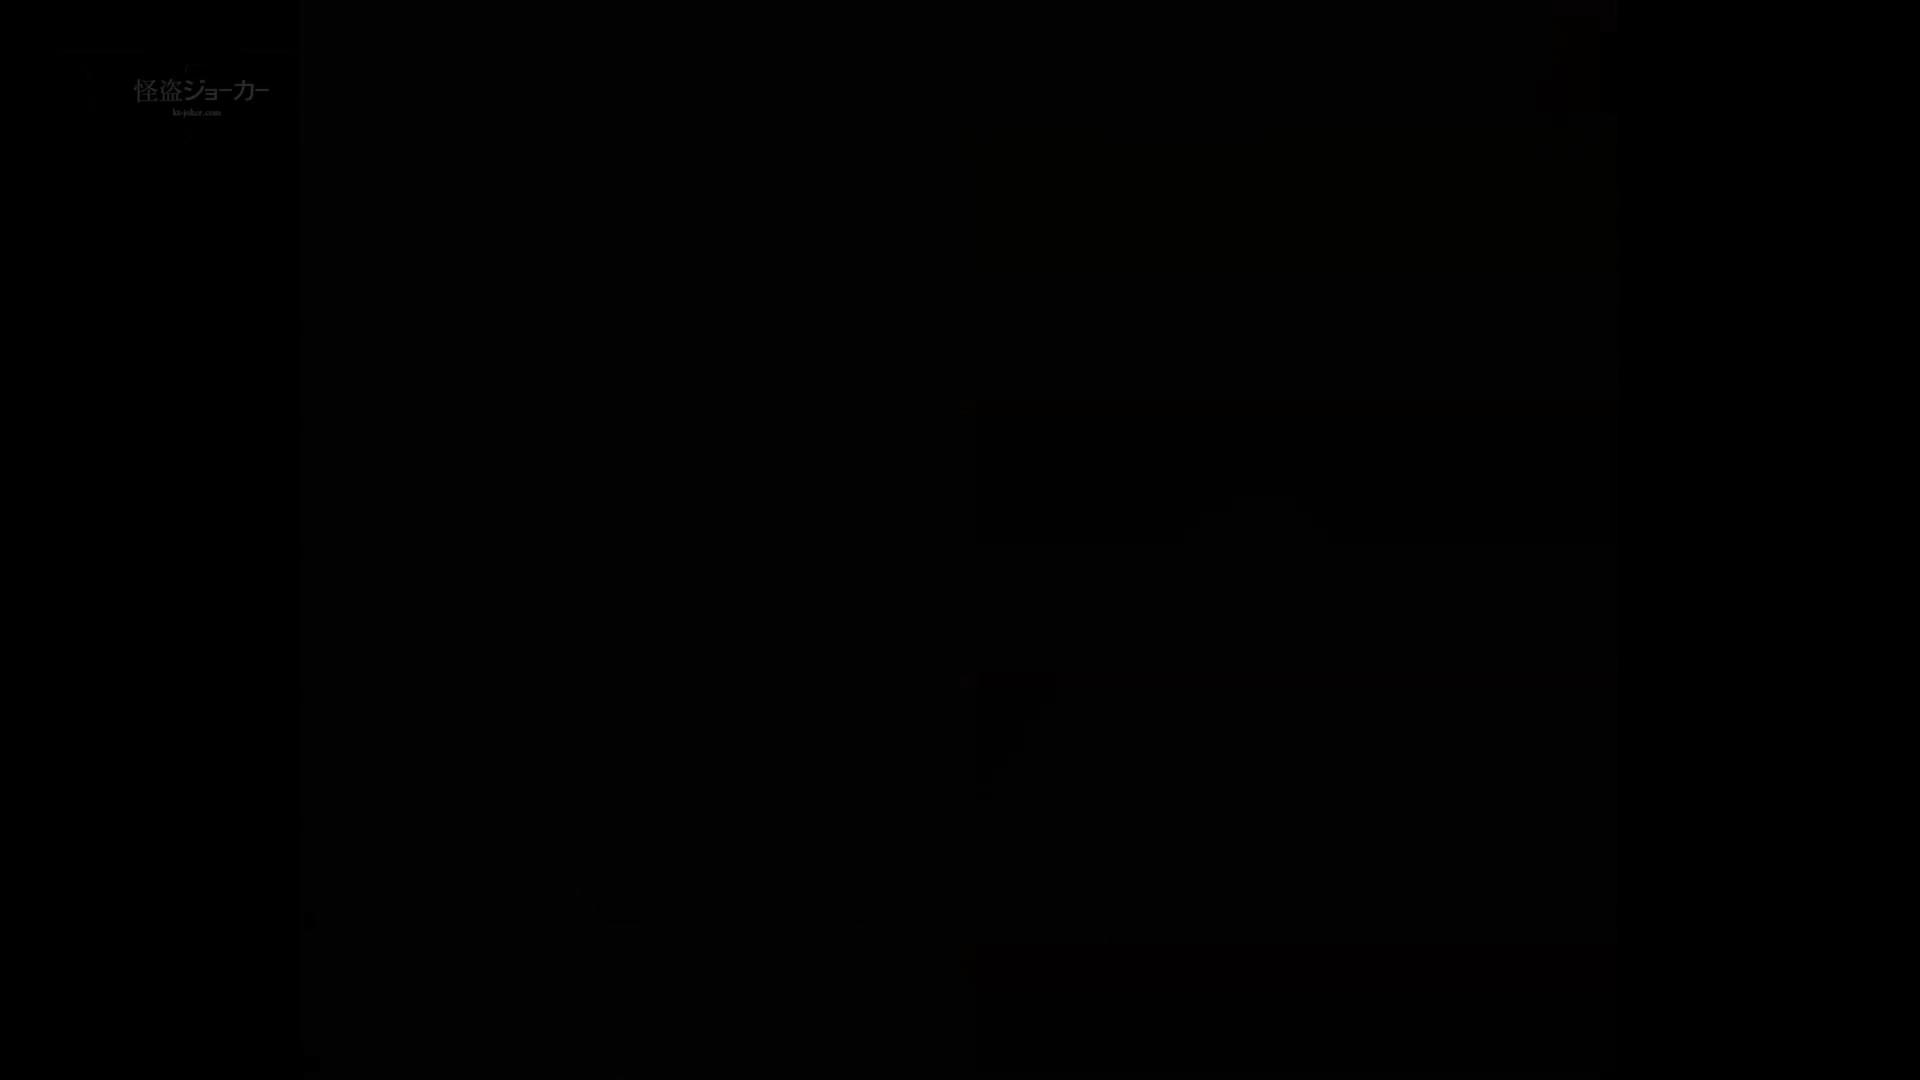 化粧室絵巻 番外編編 VOL.02 銀河さん庫出し映像2!!映像が・・・ 盛合せ  101枚 56